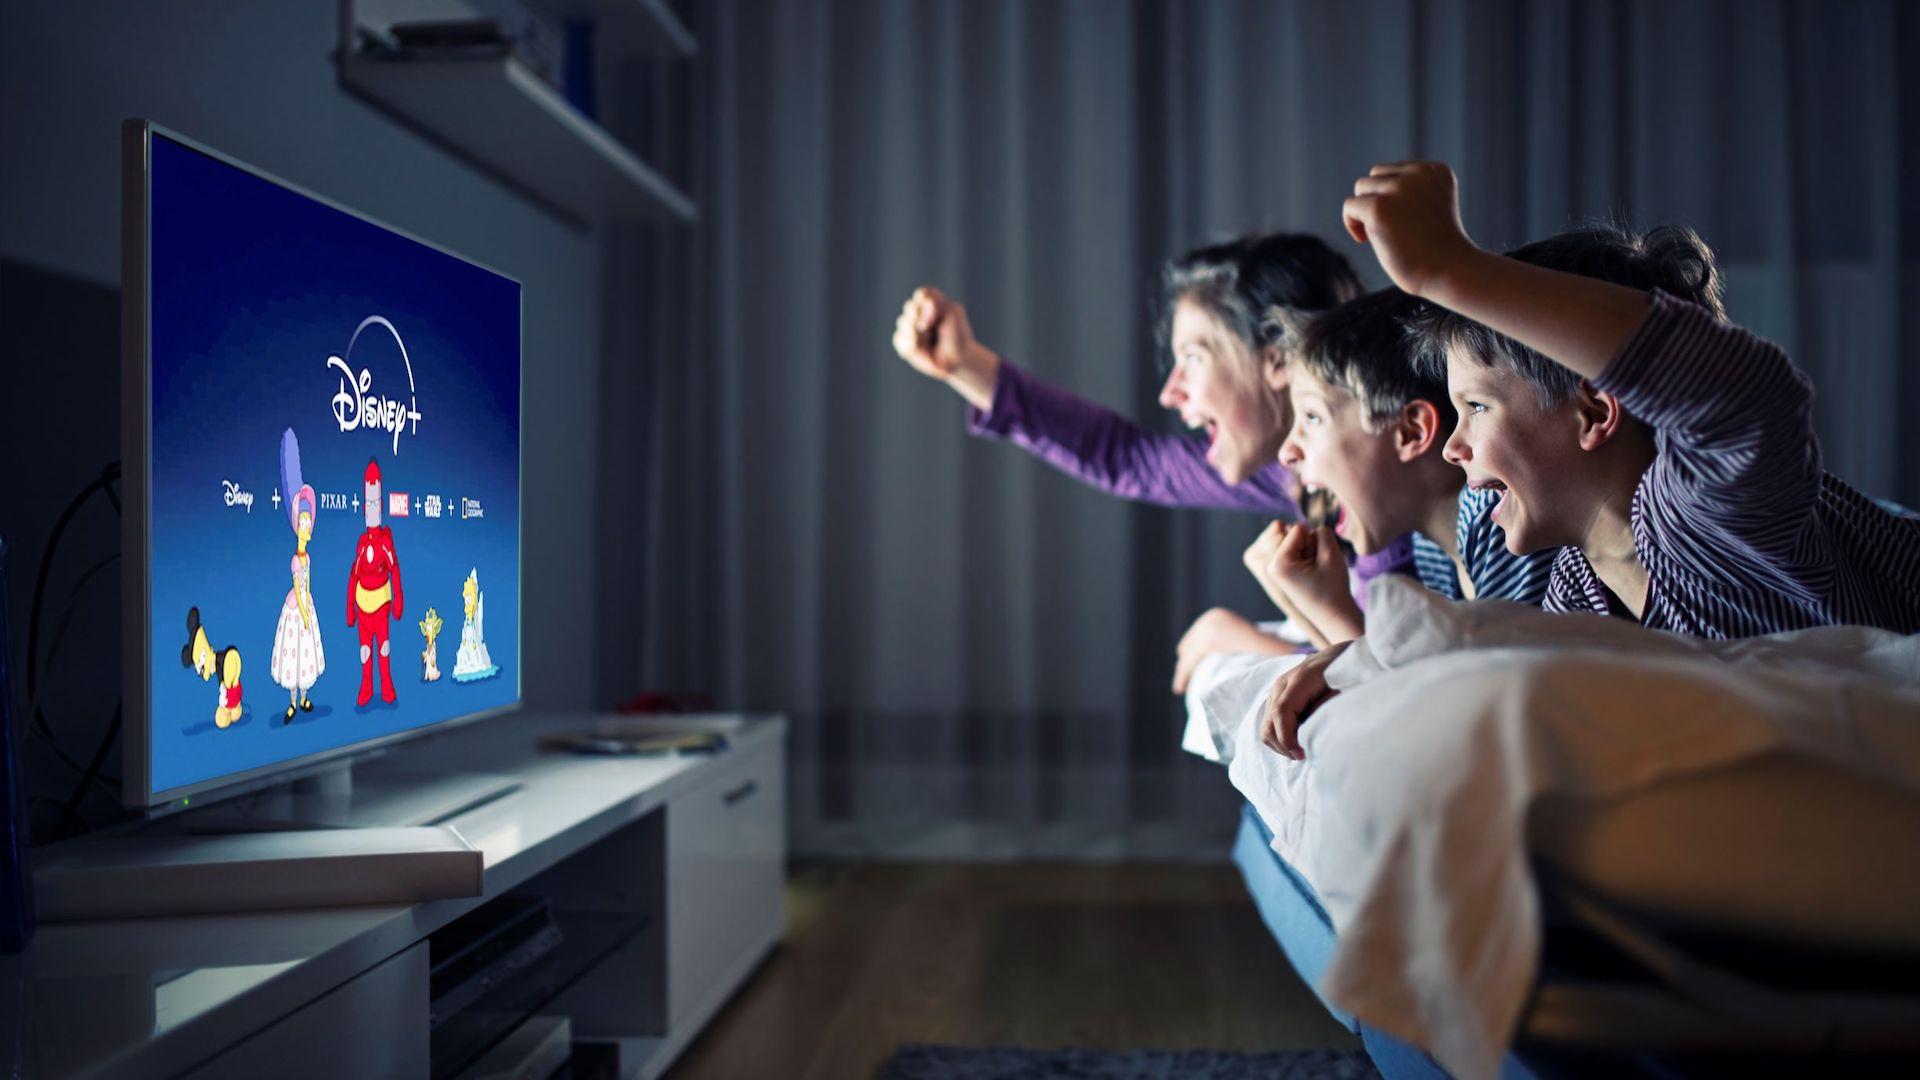 ¿En qué dispositivos ver Disney Plus? TVs, iOS, Android, Samsung y apps